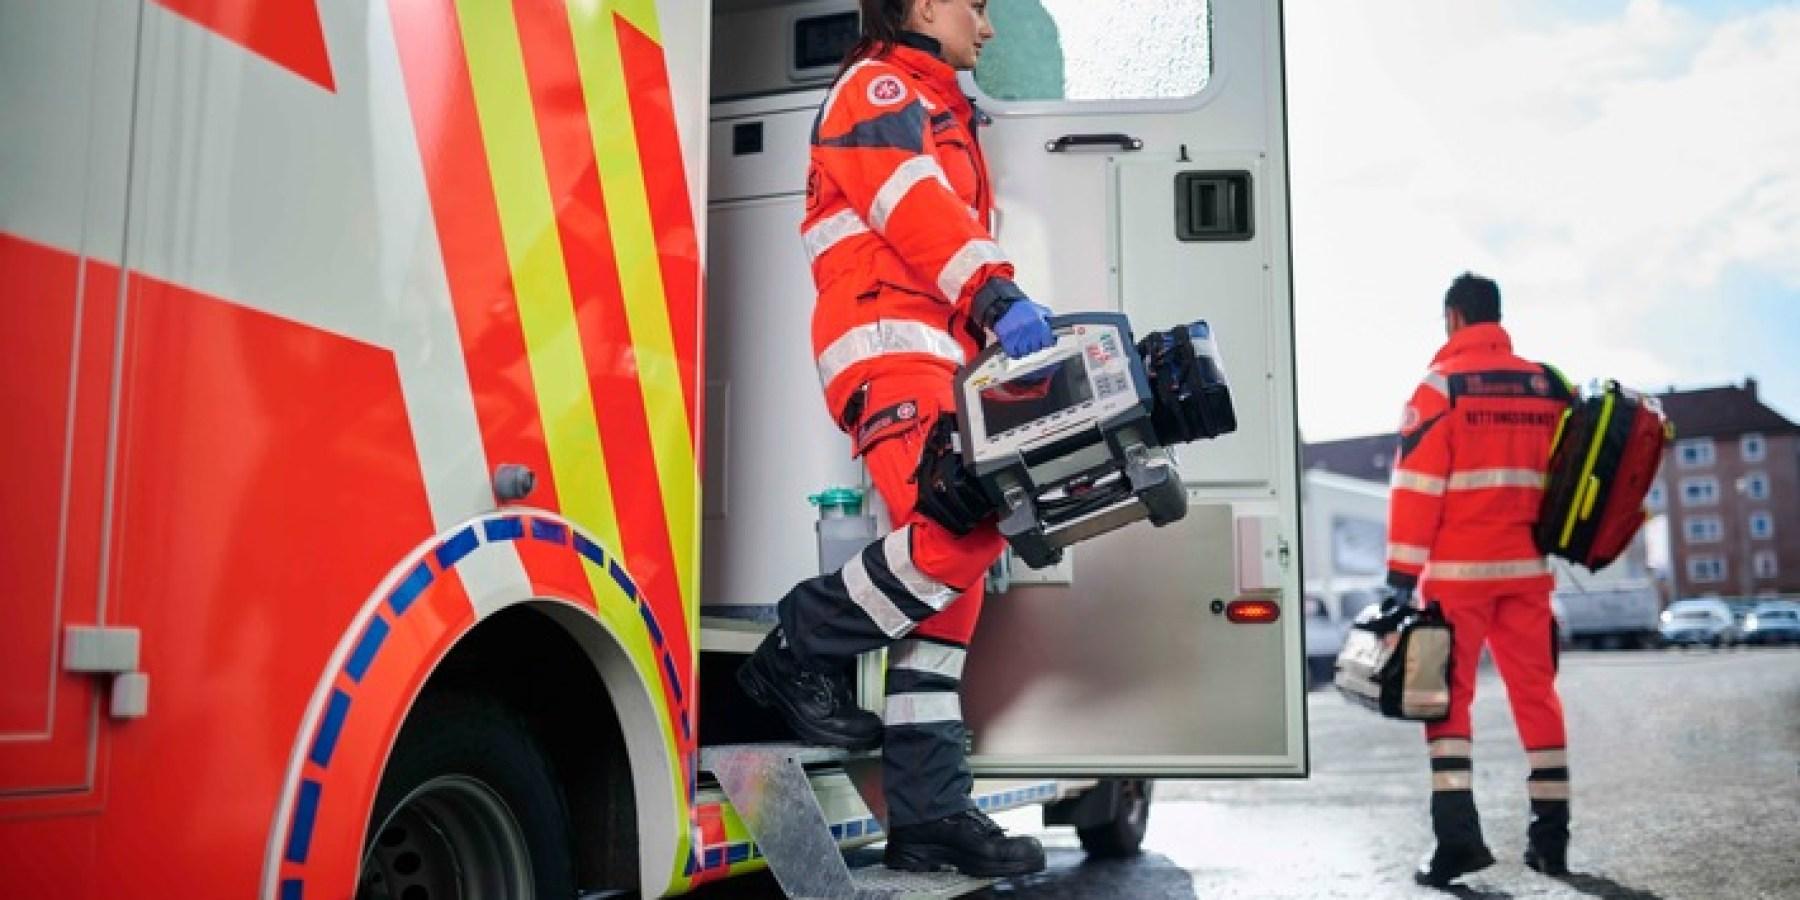 Sichere Versorgung im Notfall entscheidend